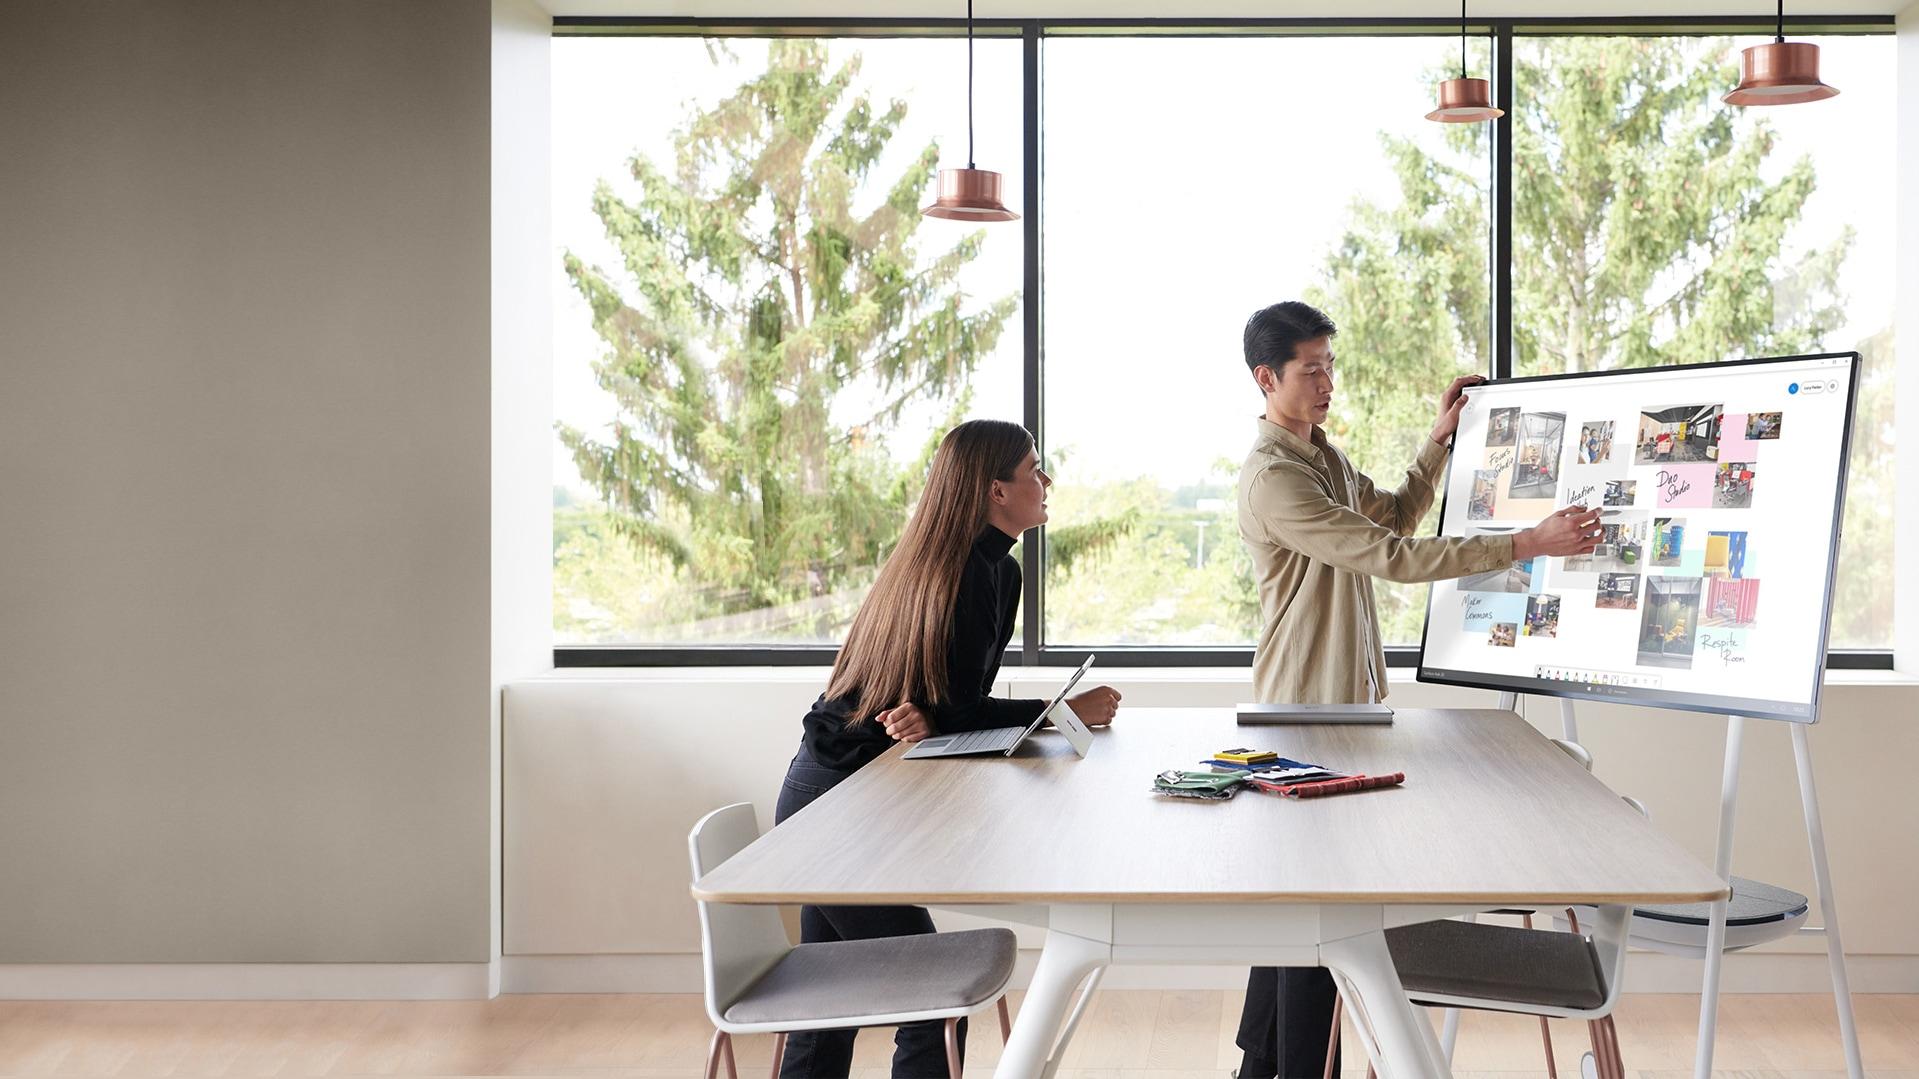 オープンオフィス環境で 2 人のチームメンバーが Surface Hub 2S を使用してアイデアをホワイトボードに書いている様子